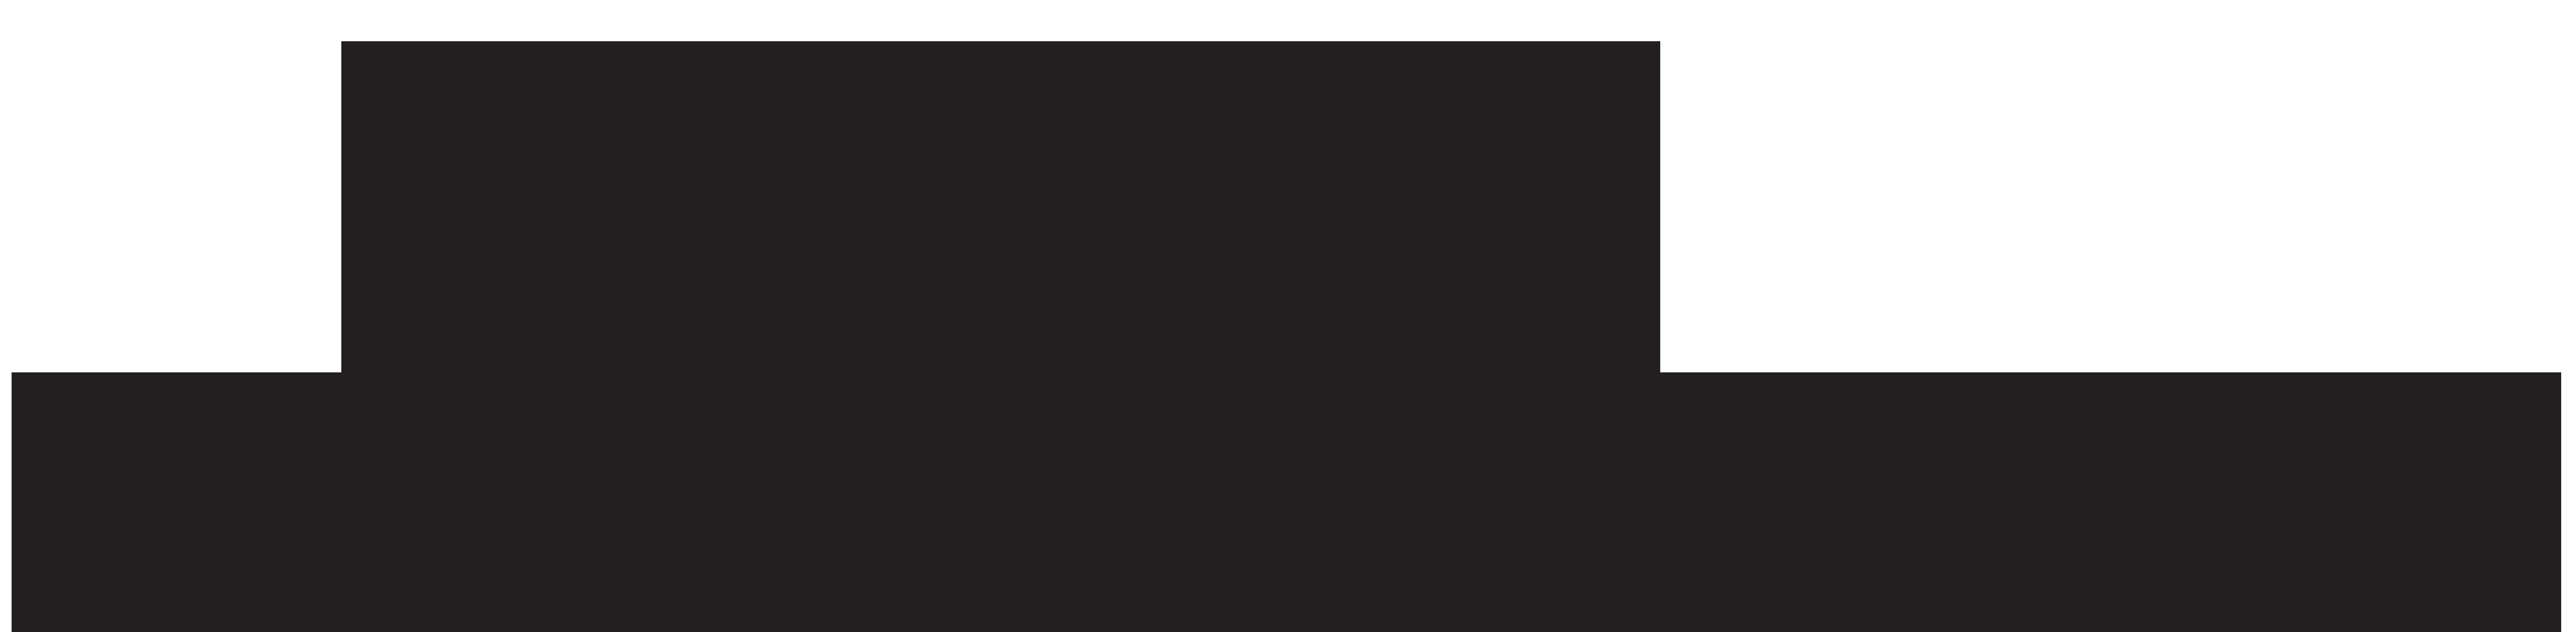 8000x1962 Boat Silhouette Clip Art Cliparts